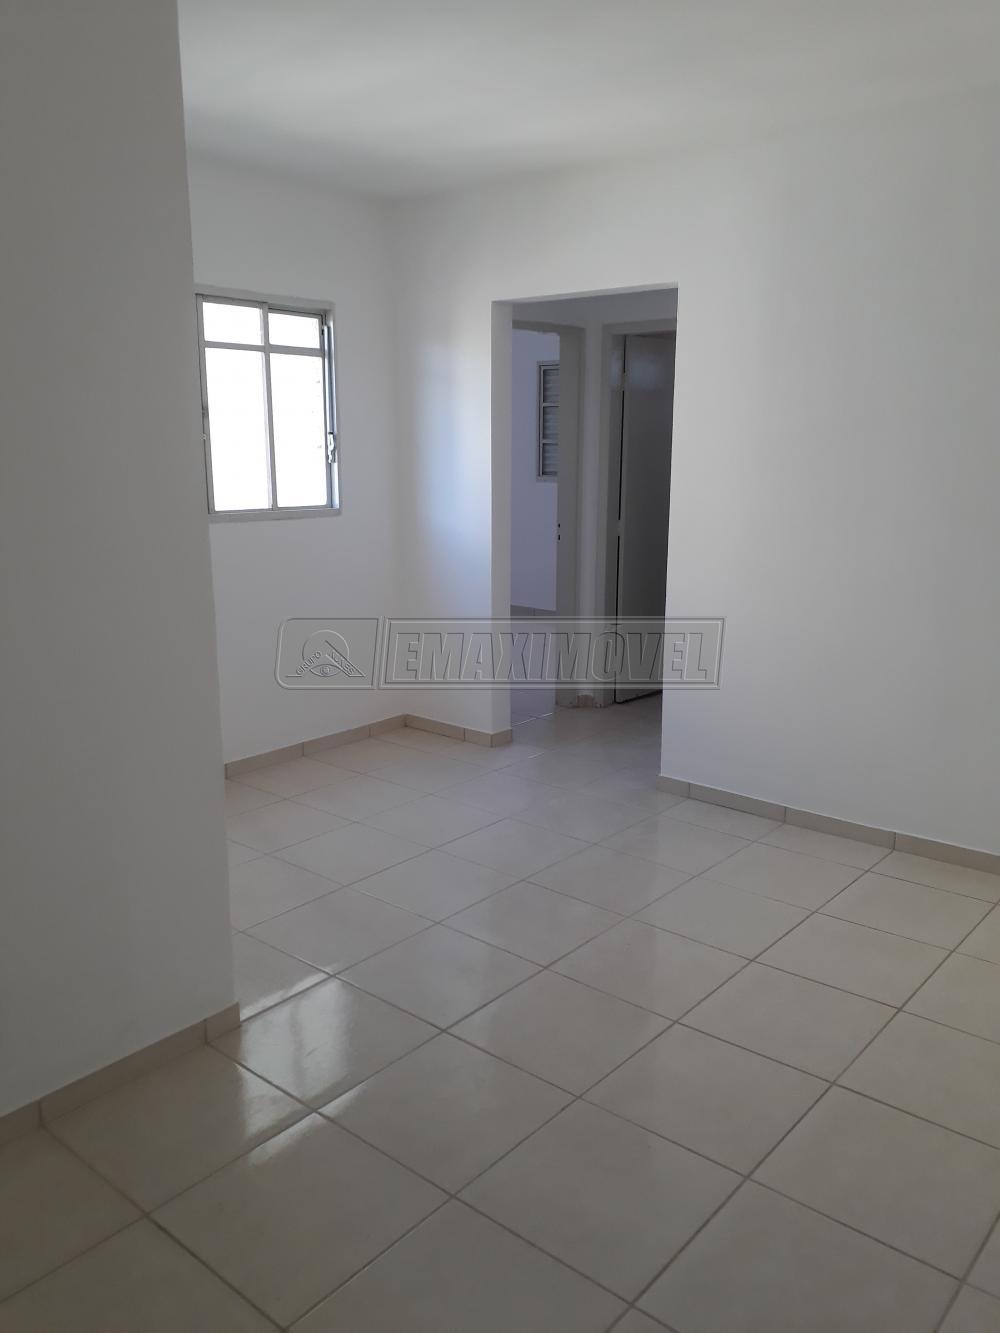 Alugar Apartamentos / Apto Padrão em Sorocaba apenas R$ 500,00 - Foto 3